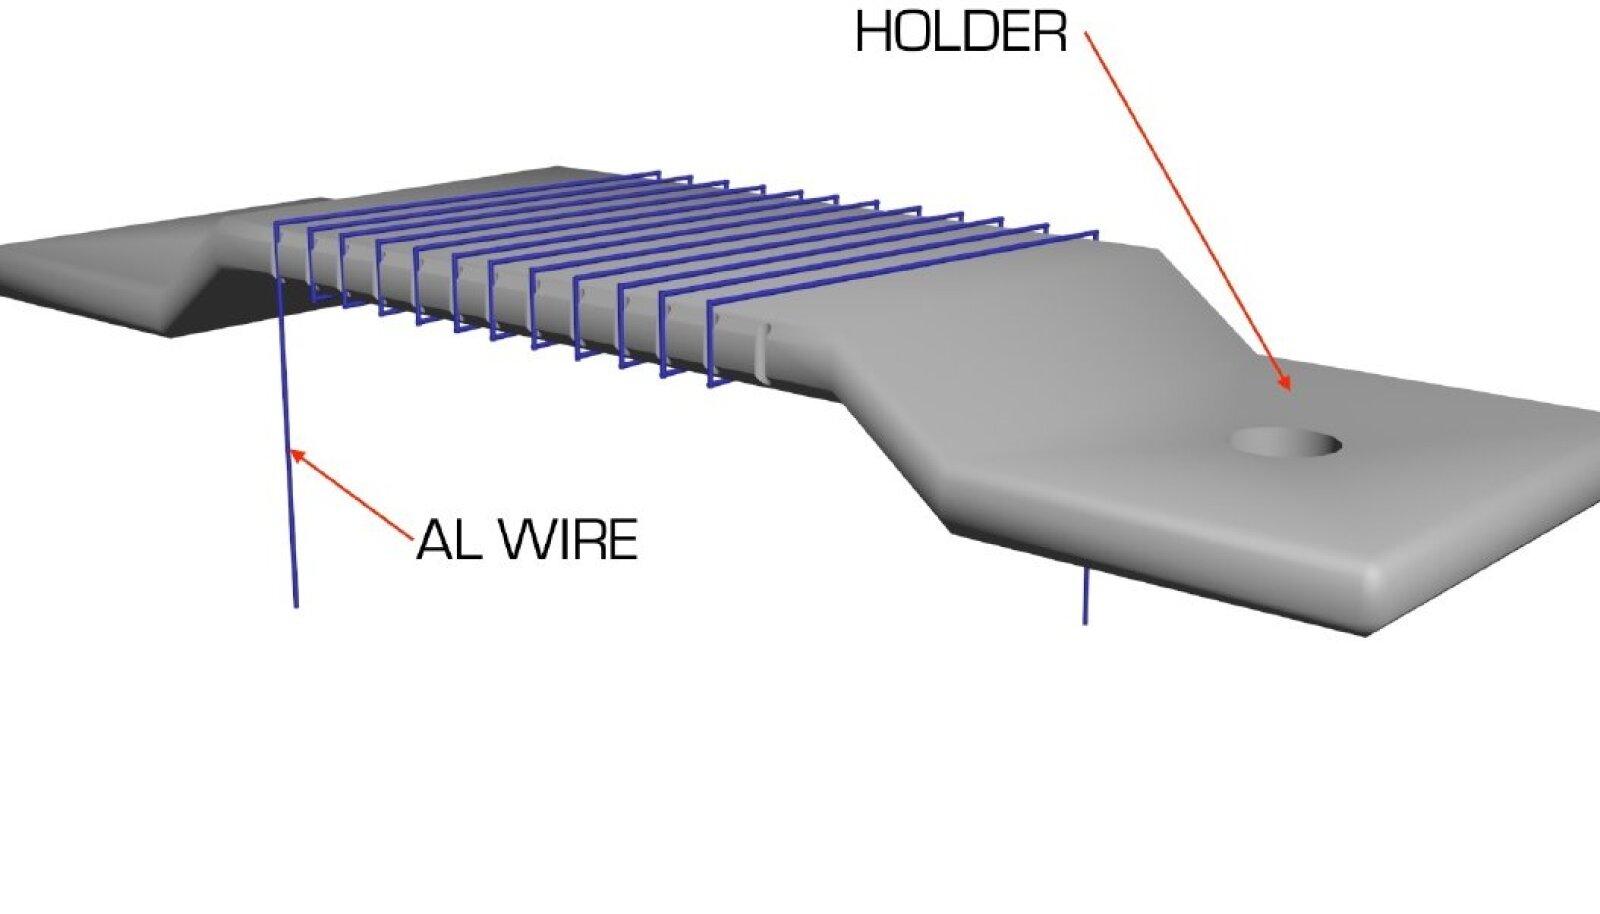 Tartu Ülikooli füüsika instituudi teadurite poolt patenteeritud meetodiga kaetud alumiiniumtraadi katserakis Estcube-2 satelliidi pardal. Illustratsioon: Estcube-2 meeskond.